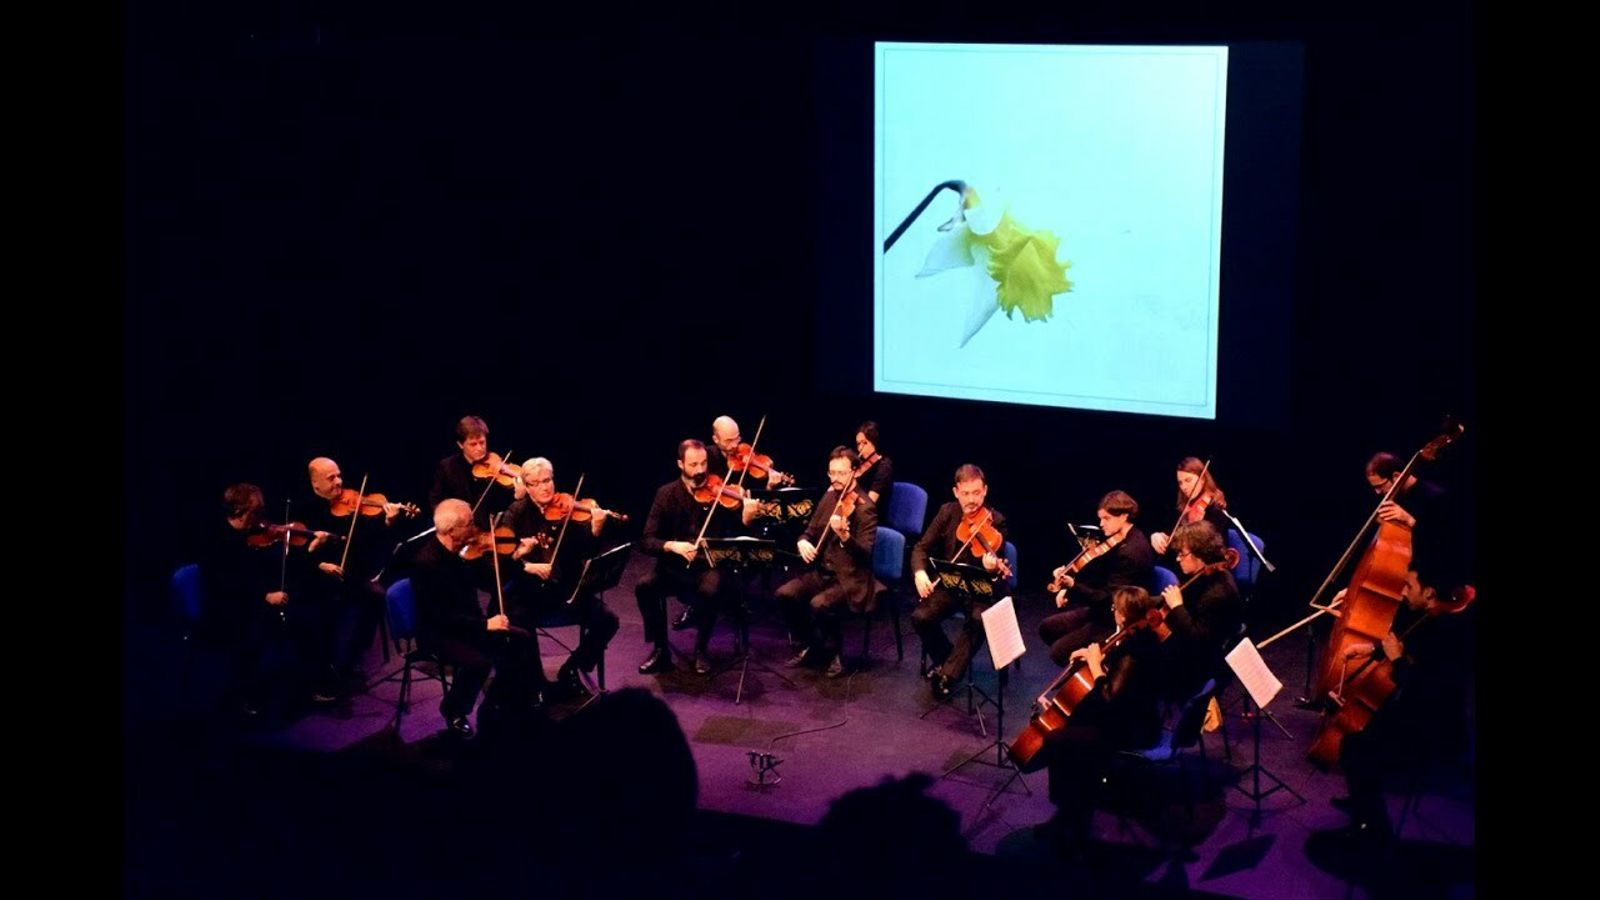 Diàleg entre música i fotografia en la nova temporada de l'ONCA